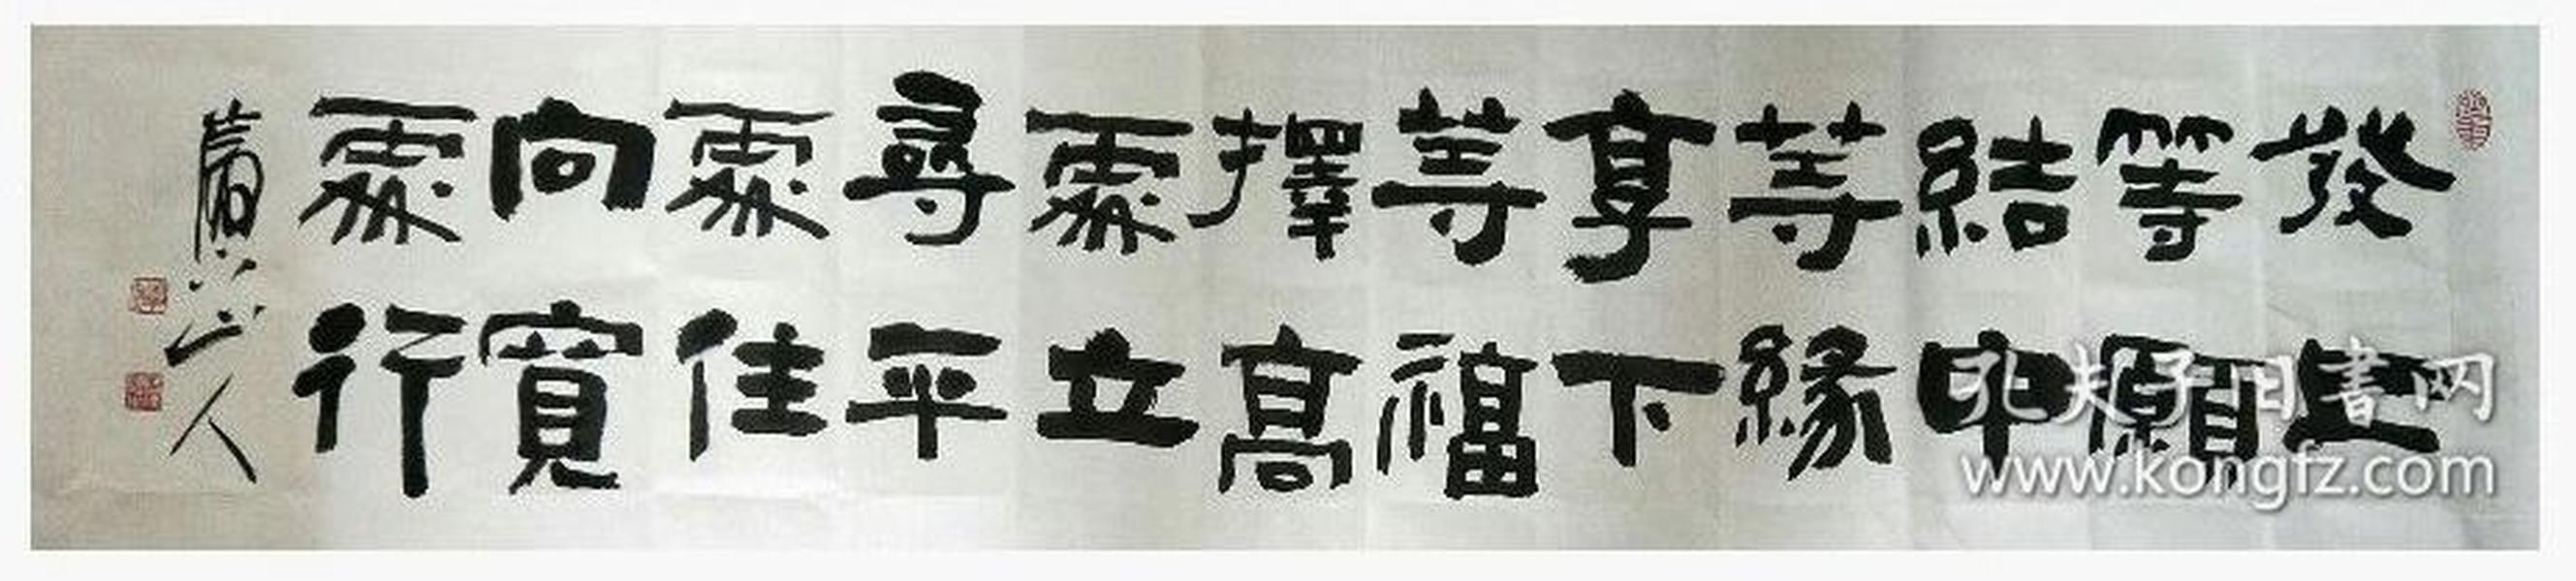 【孔网首发☆低价惠友】C-05福建书法名家陈顺生先生精品书法作品1件(保真)